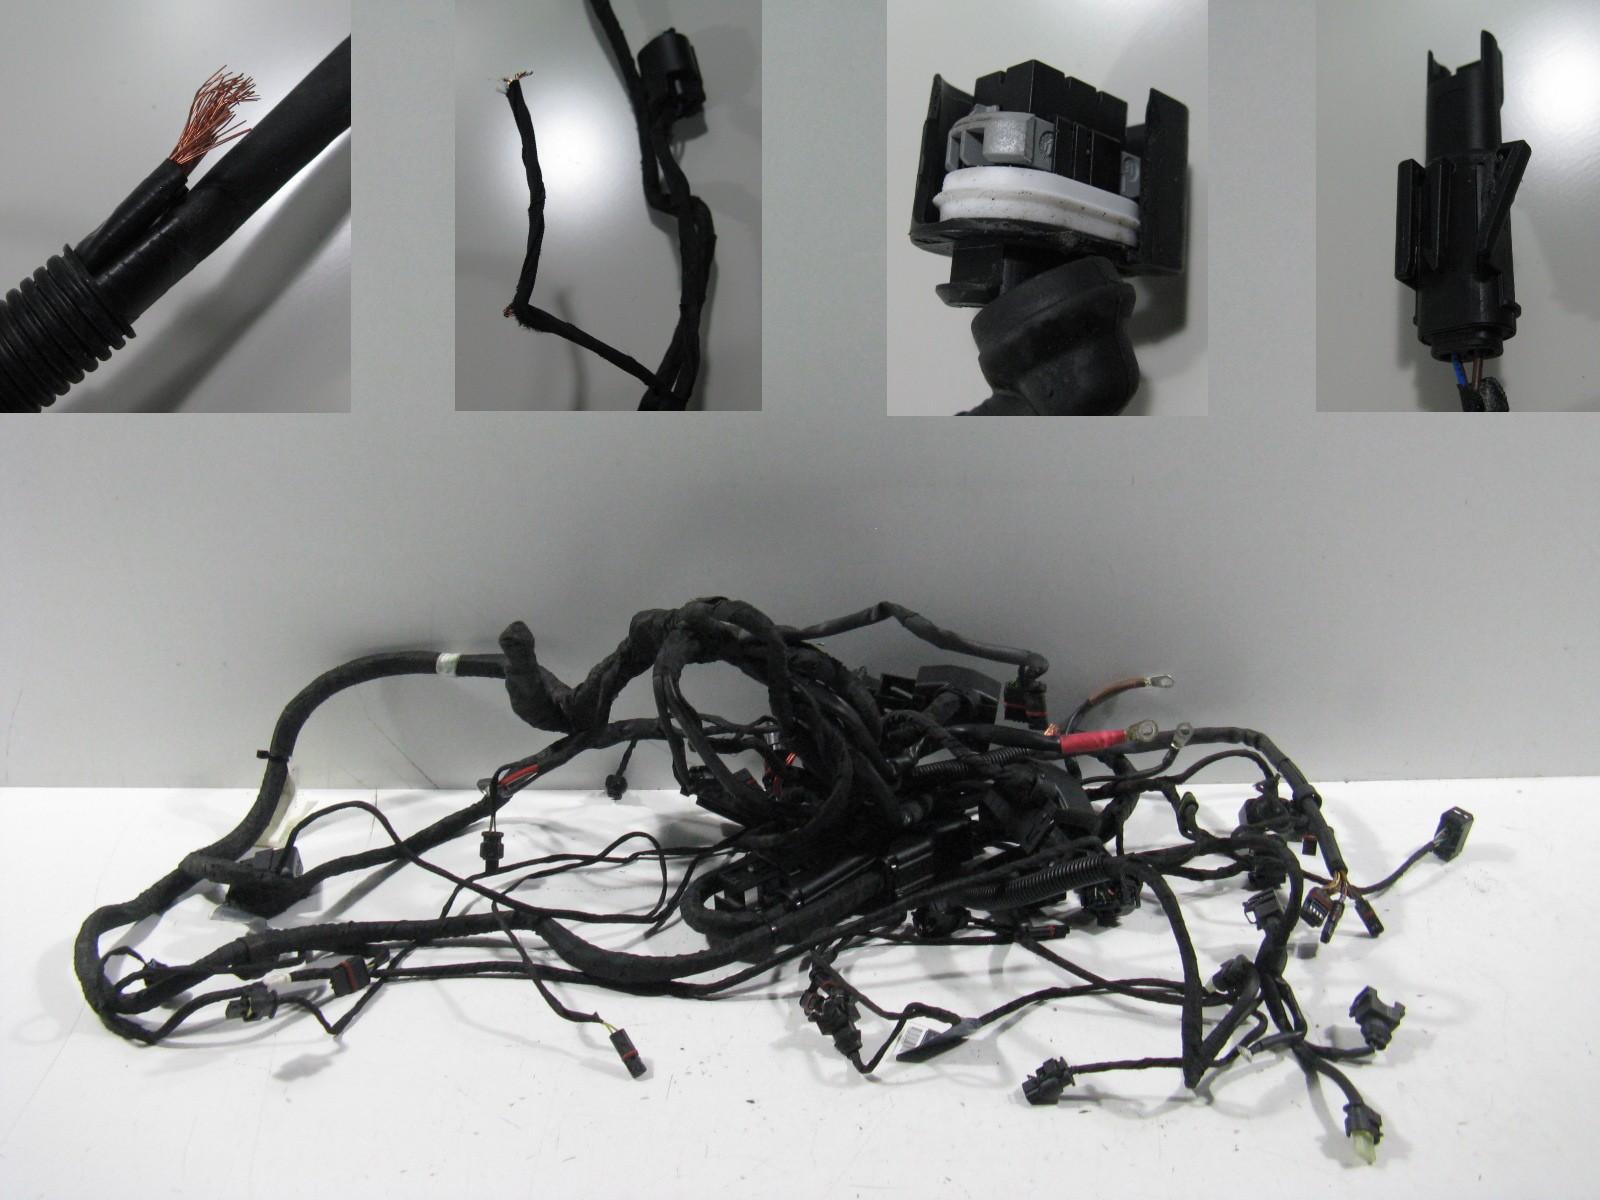 16-17 Zündspule Ignition Coil BMW F 800 GS 4G80 0B07 K72